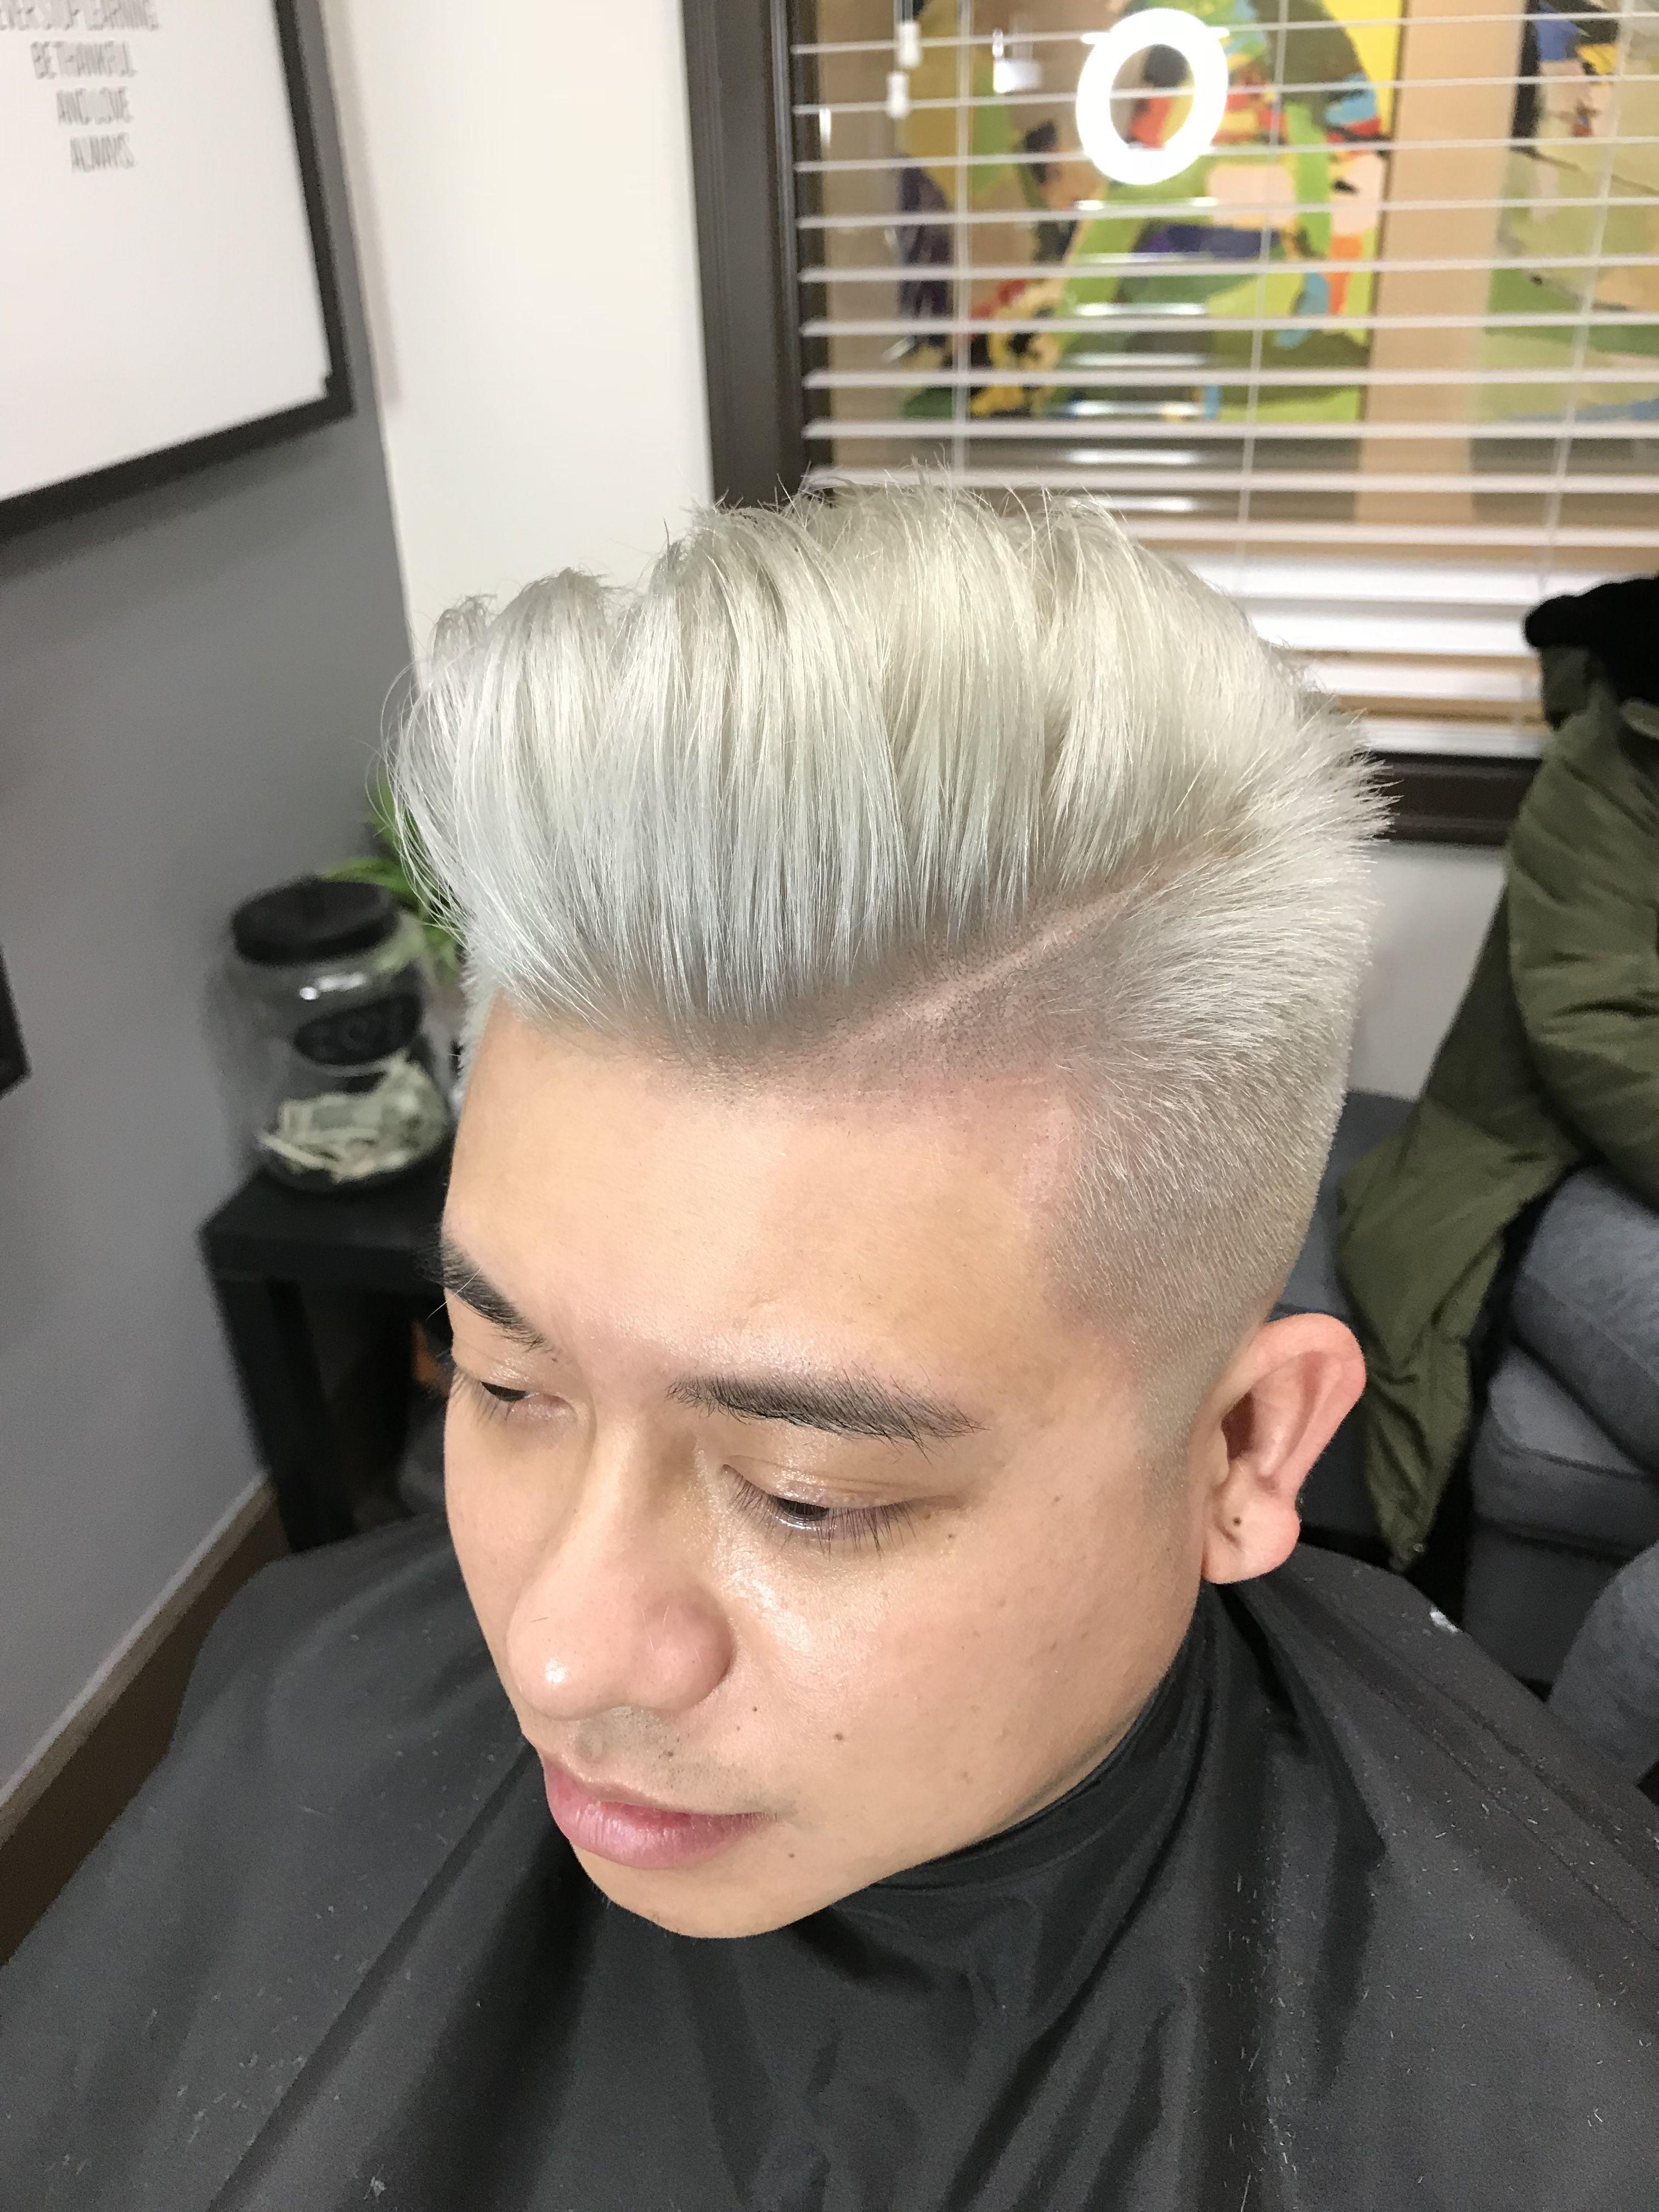 Haircut Salon In Odessa Texas Wavy Haircut